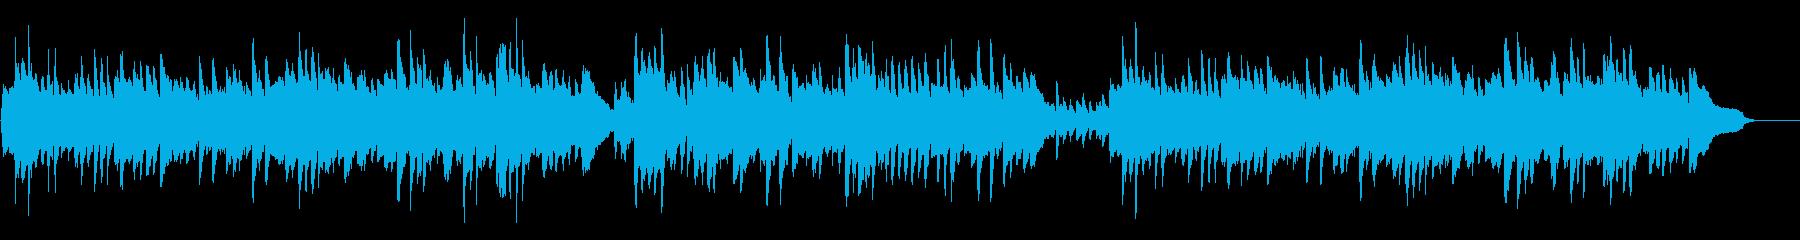 神秘的でゆったりしたピアノ曲の再生済みの波形